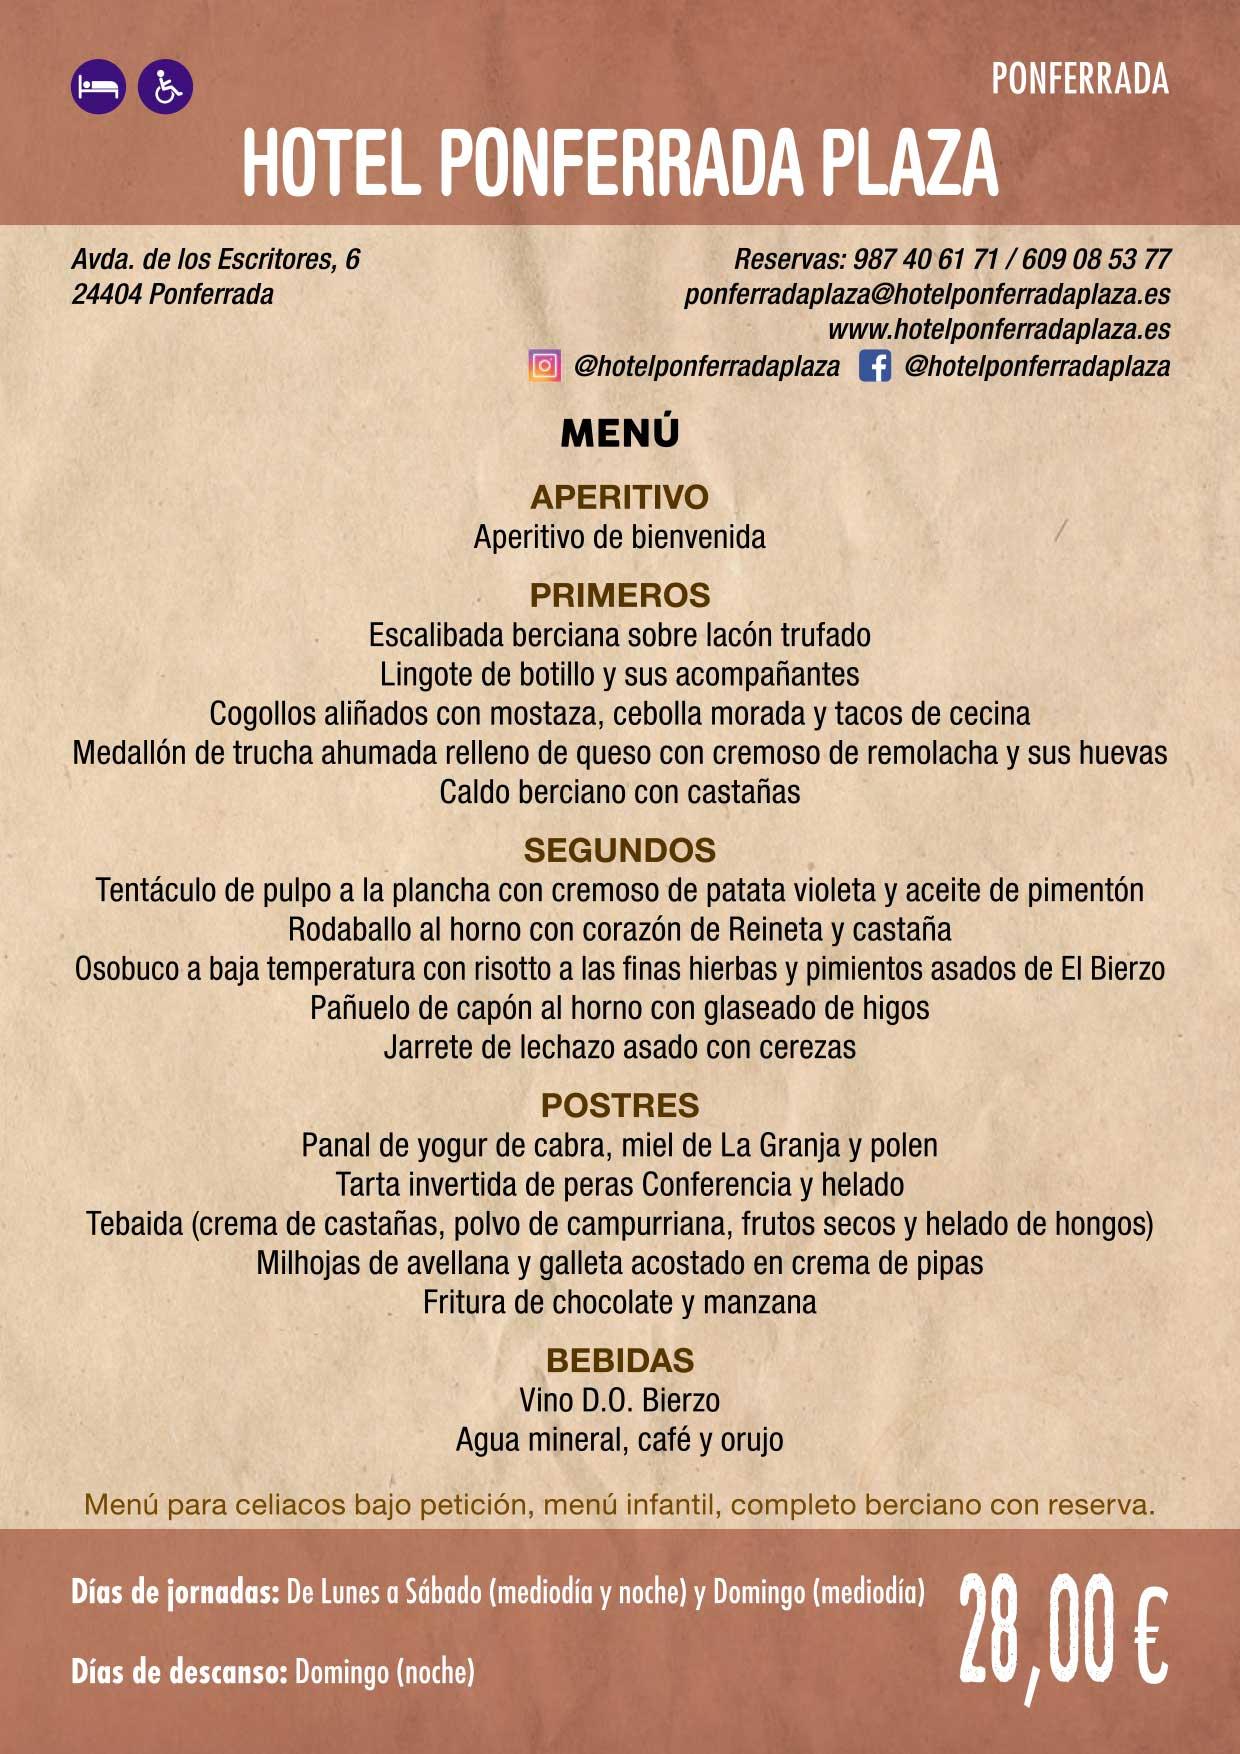 XXXVI Jornadas Gastronómicas De El Bierzo 2020. Consulta los restaurantes y menús 25